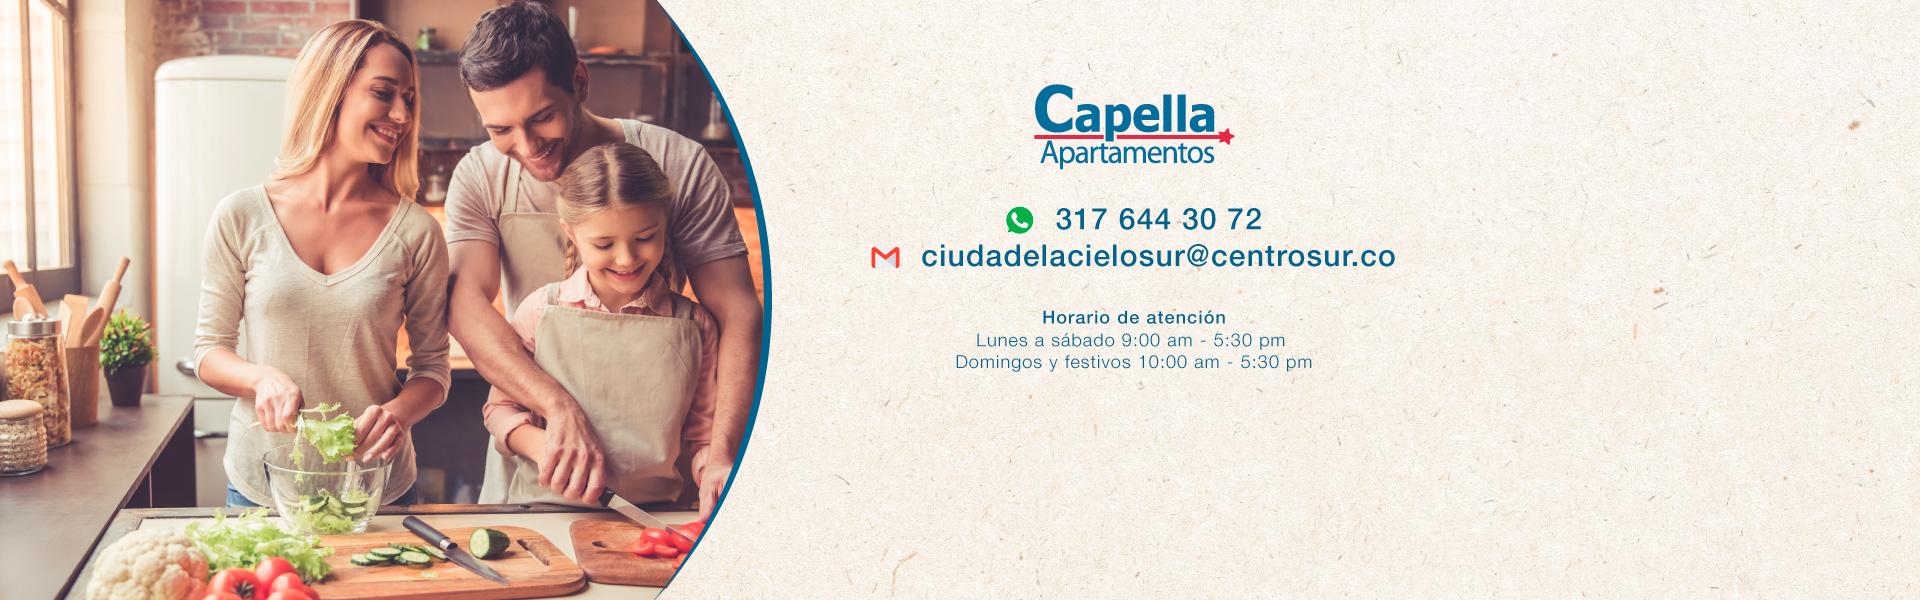 Capella 1920